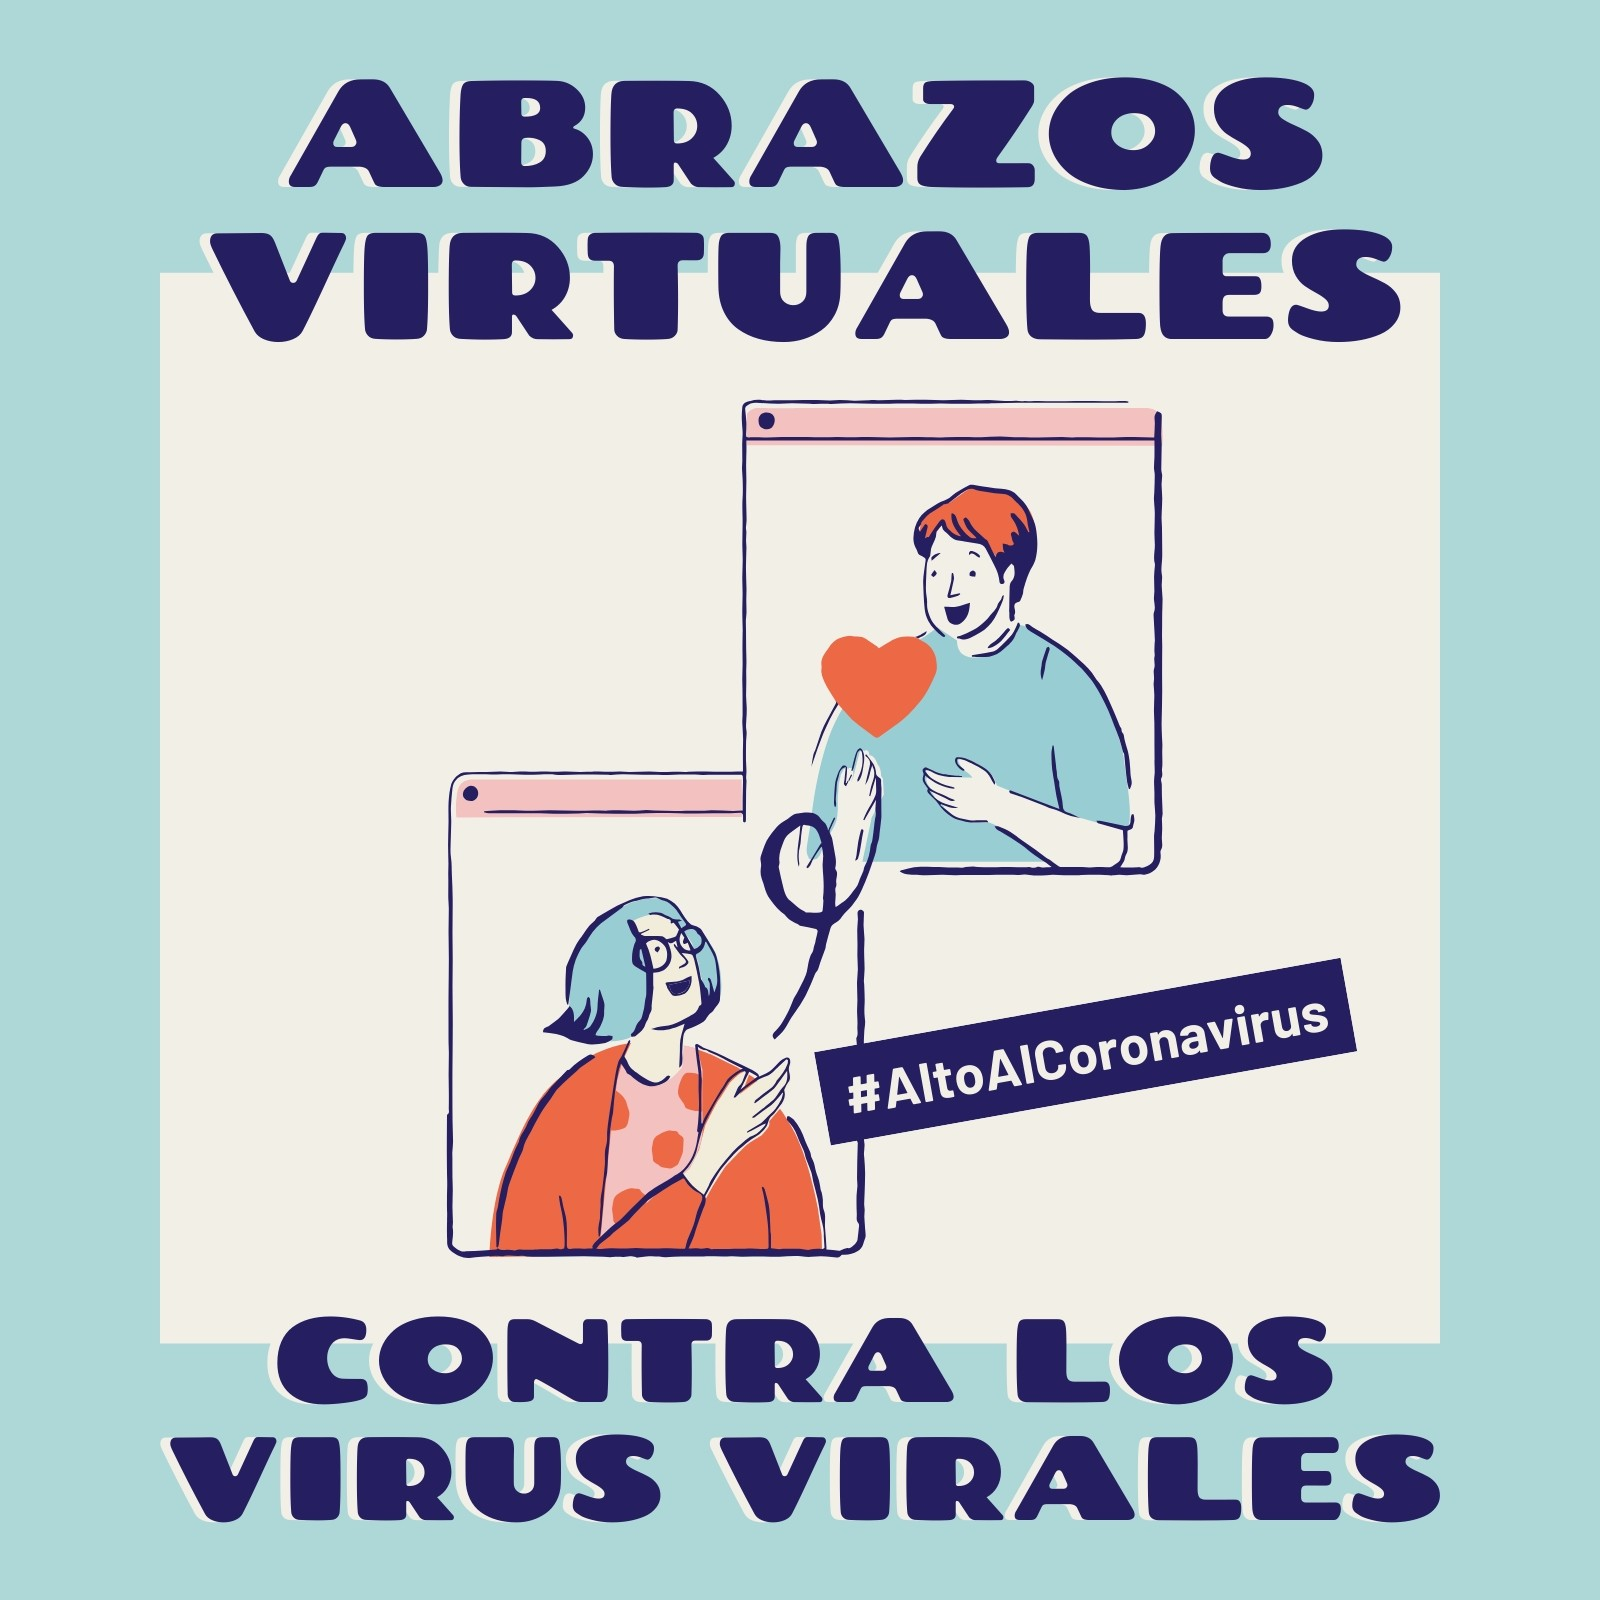 Alto Al Coronavirus Abrazos Virtuales Contra Los Virus Virales Azul y Crema Post para Instagram